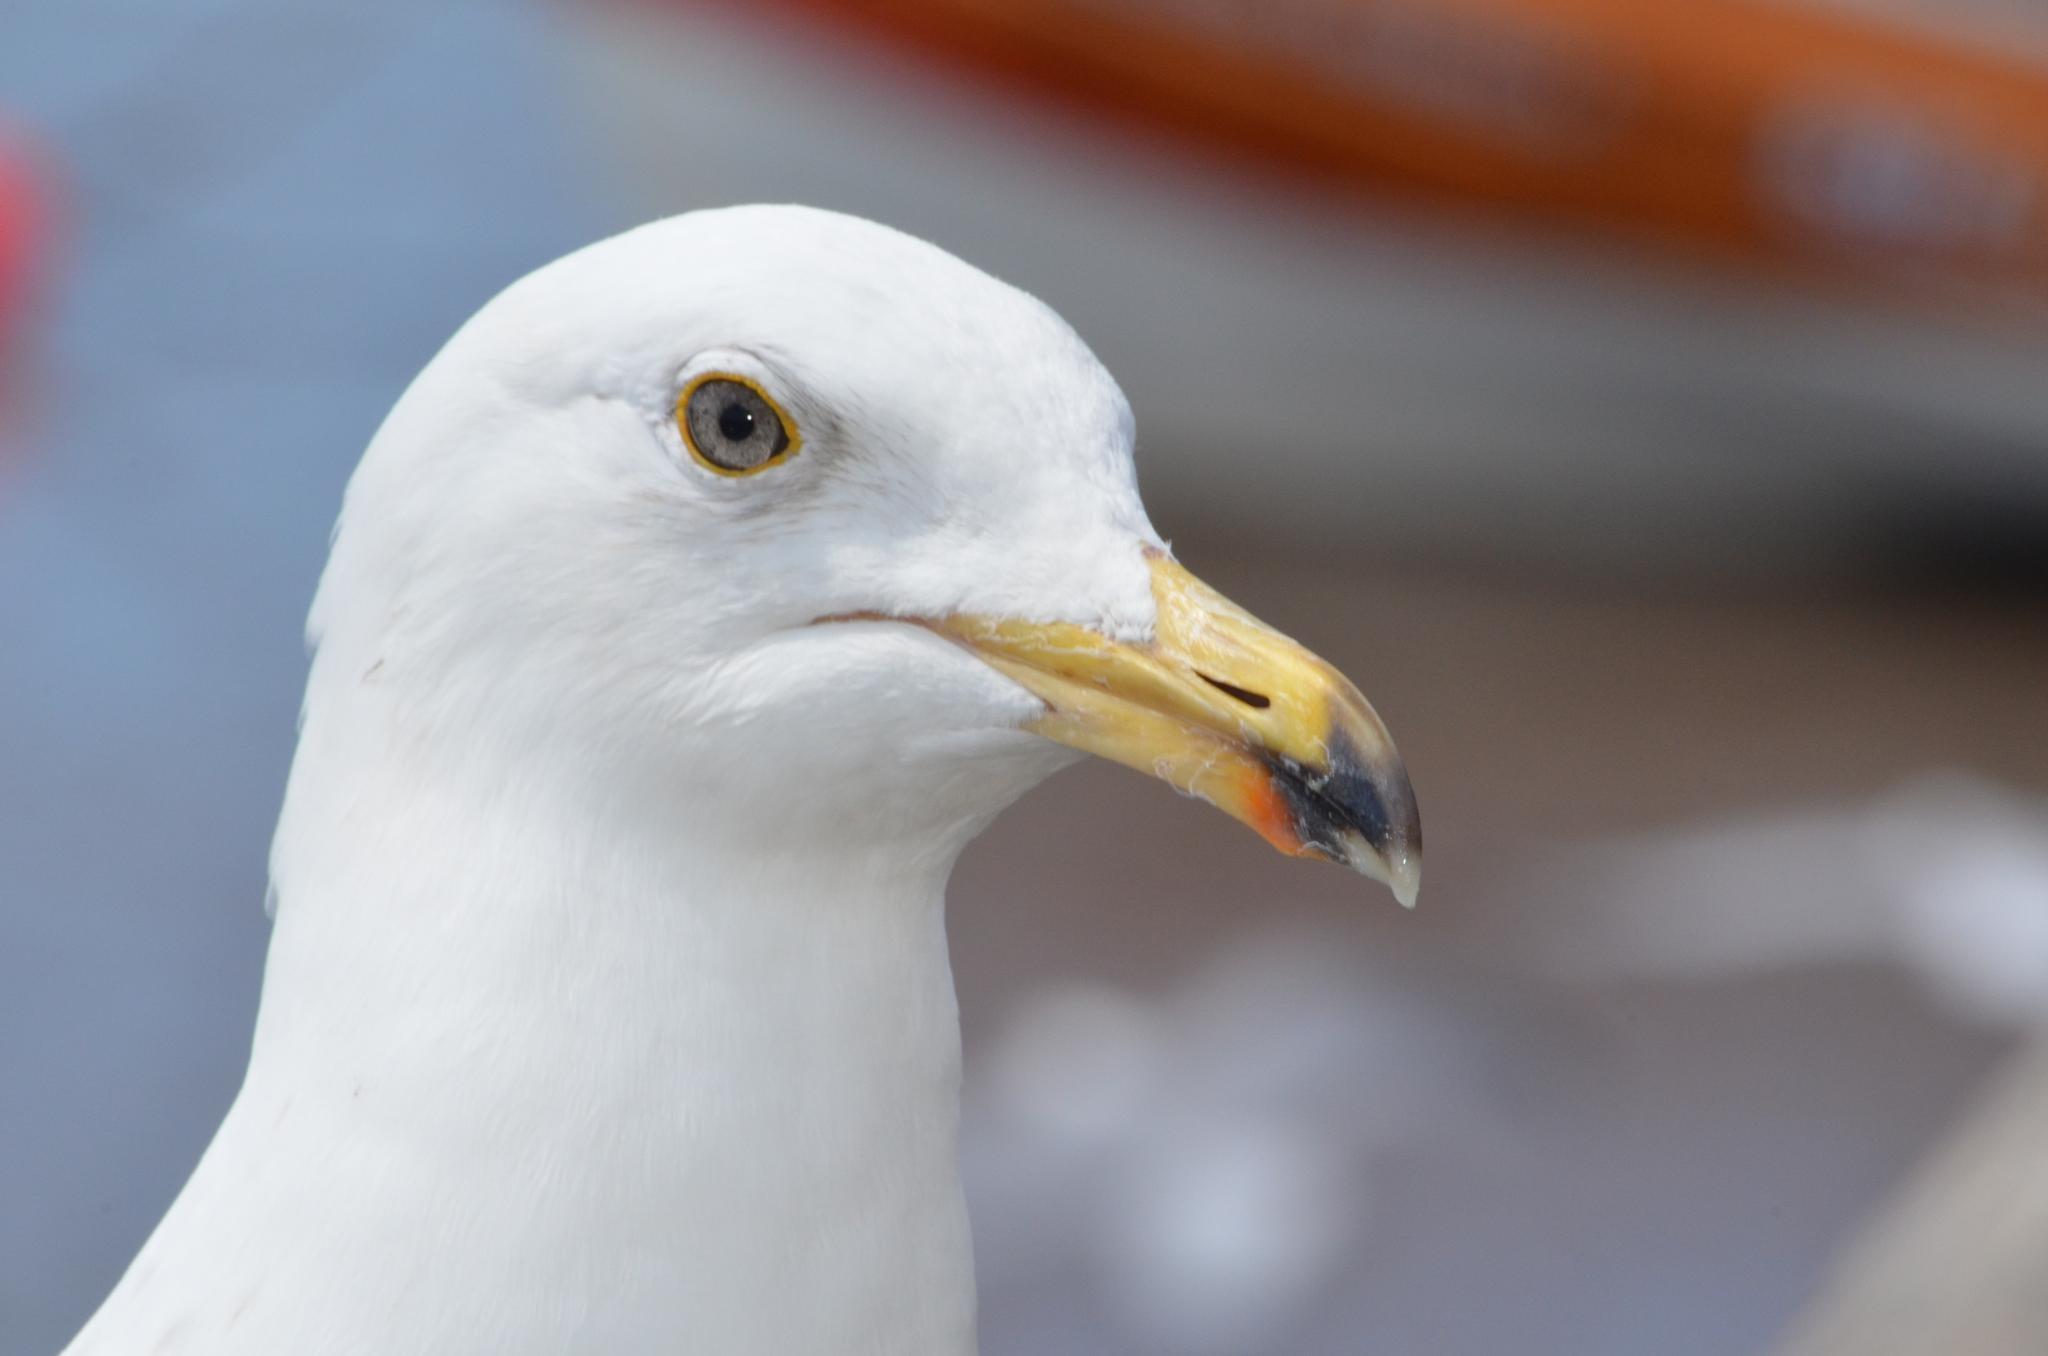 seagull by ksoar1